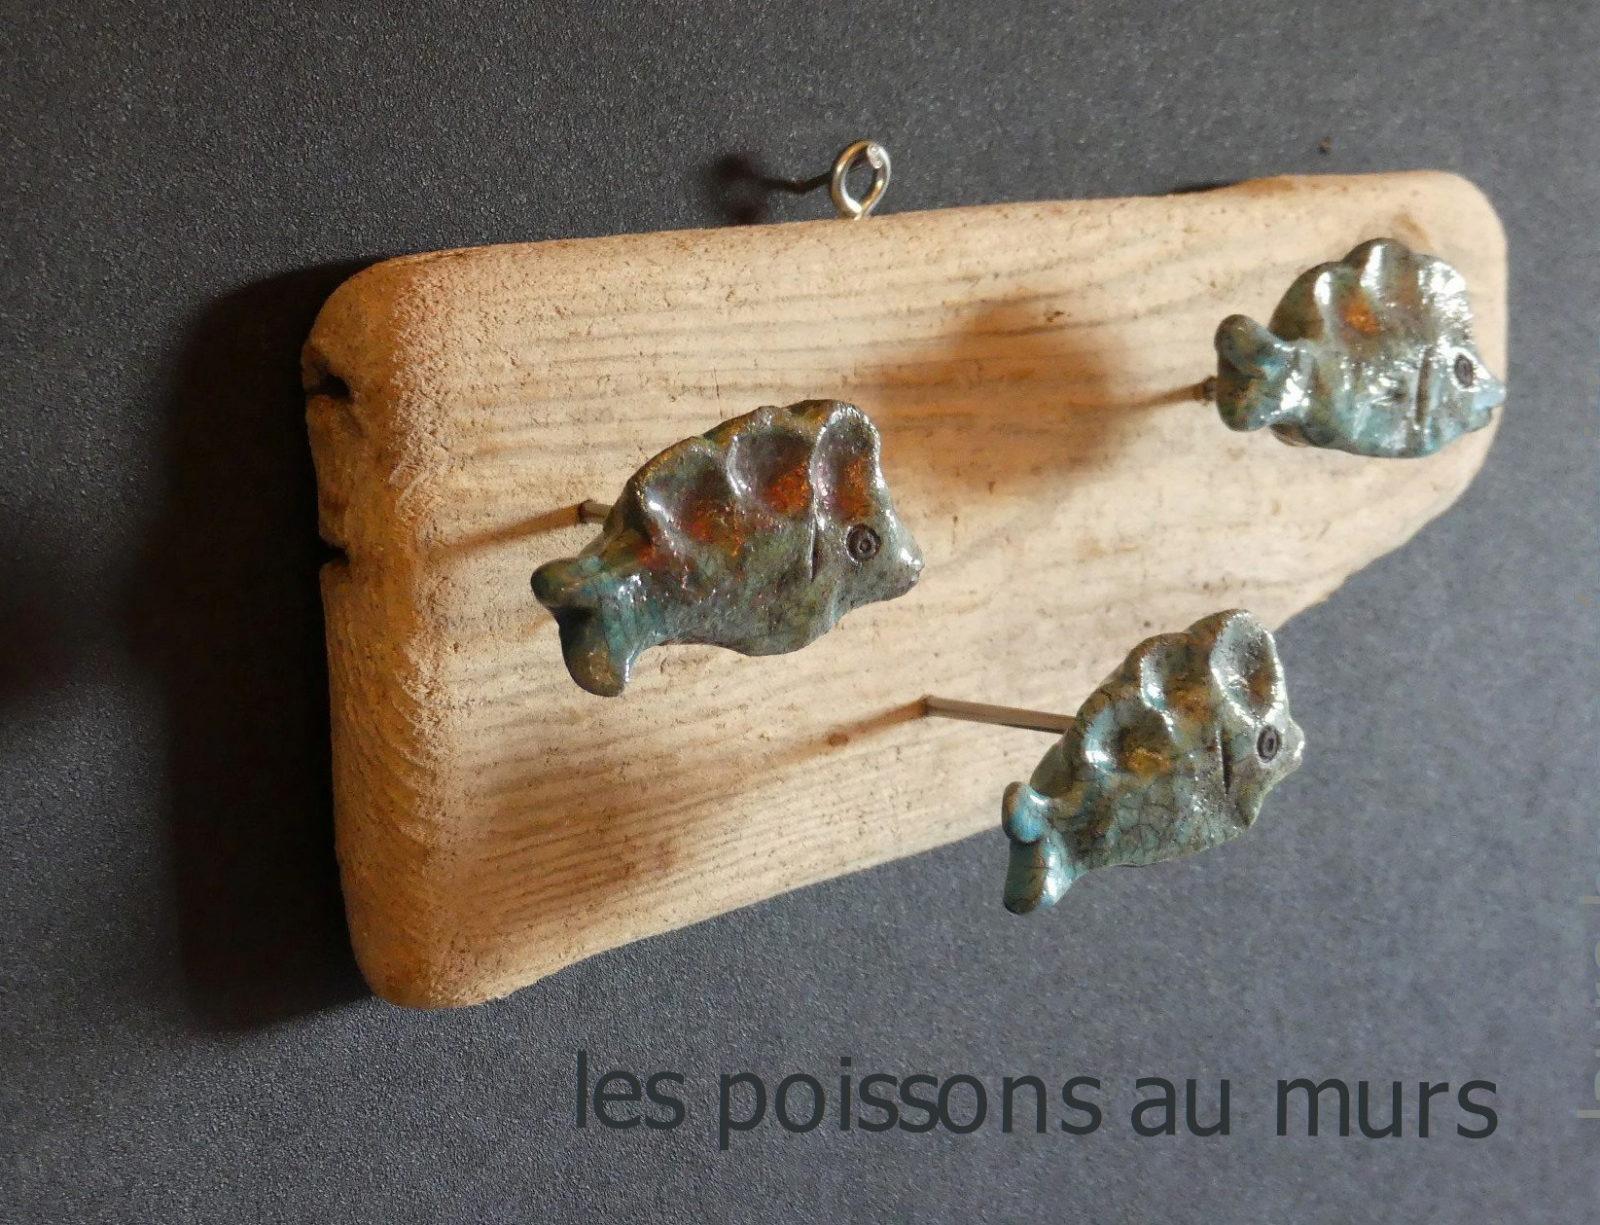 trois poisson en céramique raku piqués sur le coté sur une planche de bois flotté et accrochés sur un mur noir